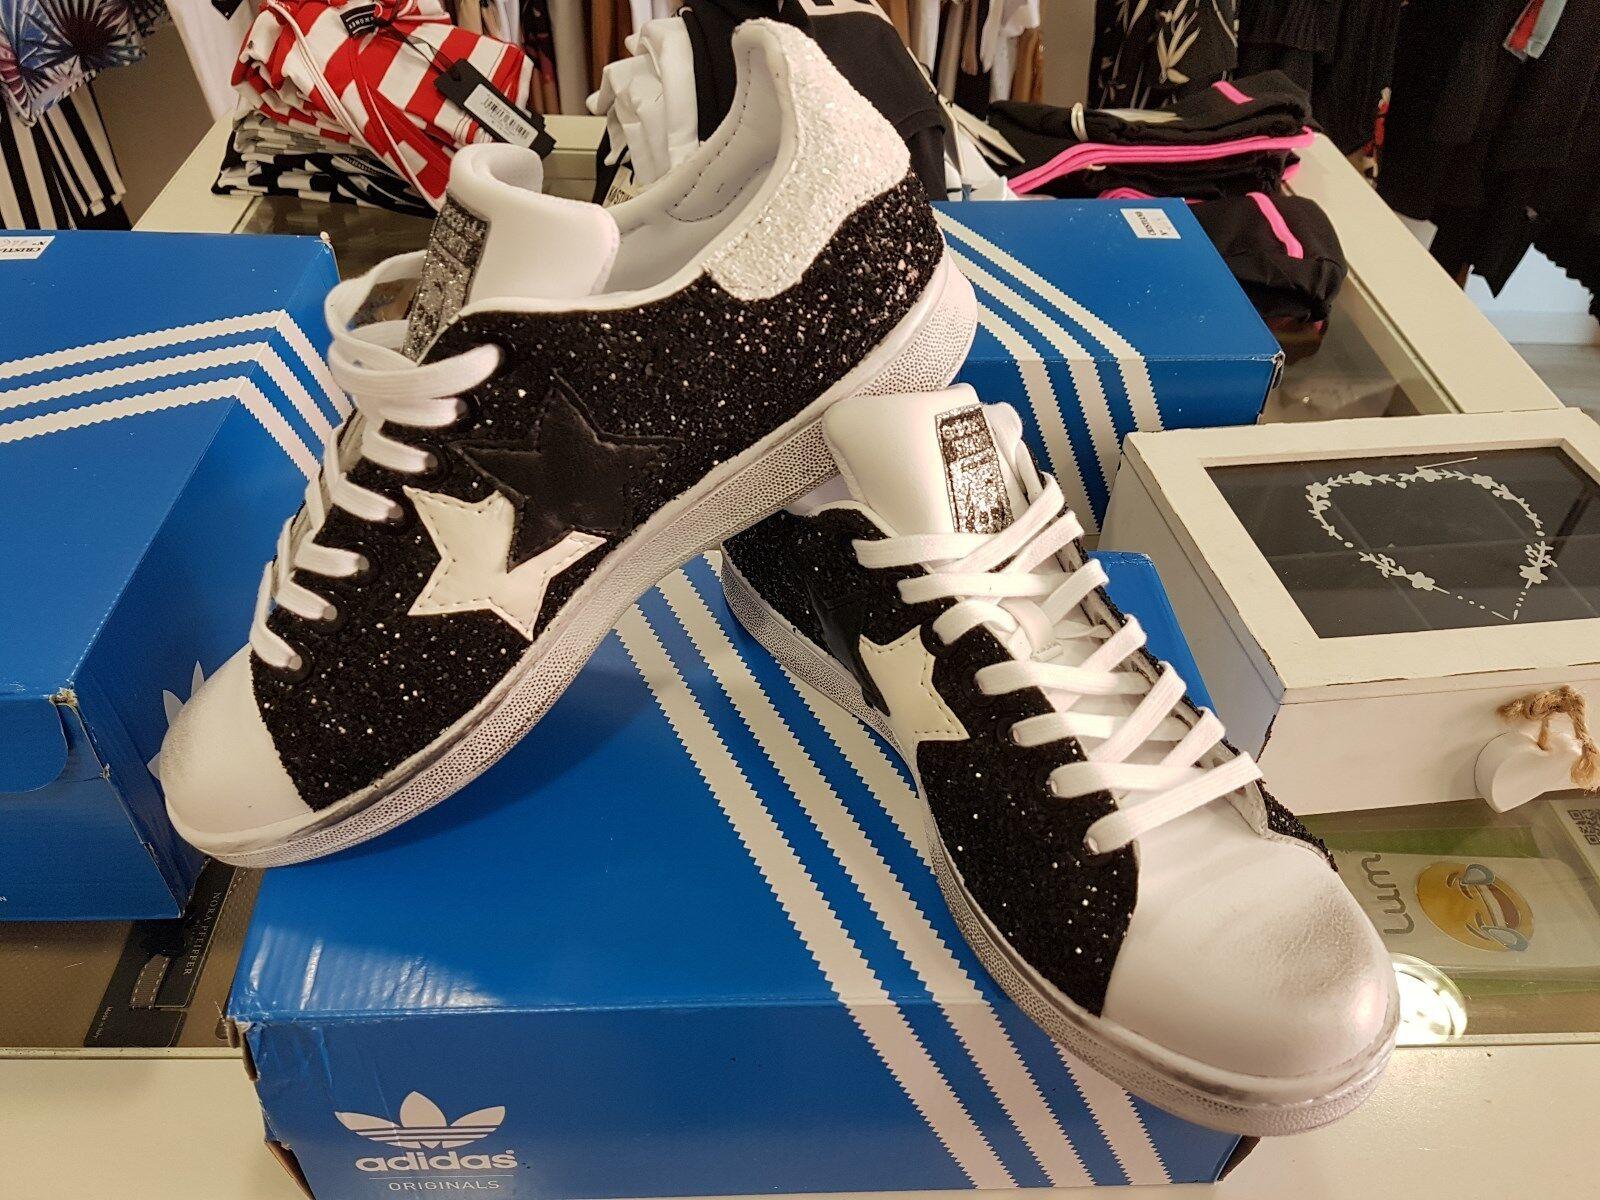 scarpe adidas stan smith  con glitter nero ai lati e due stelle una nera e una b